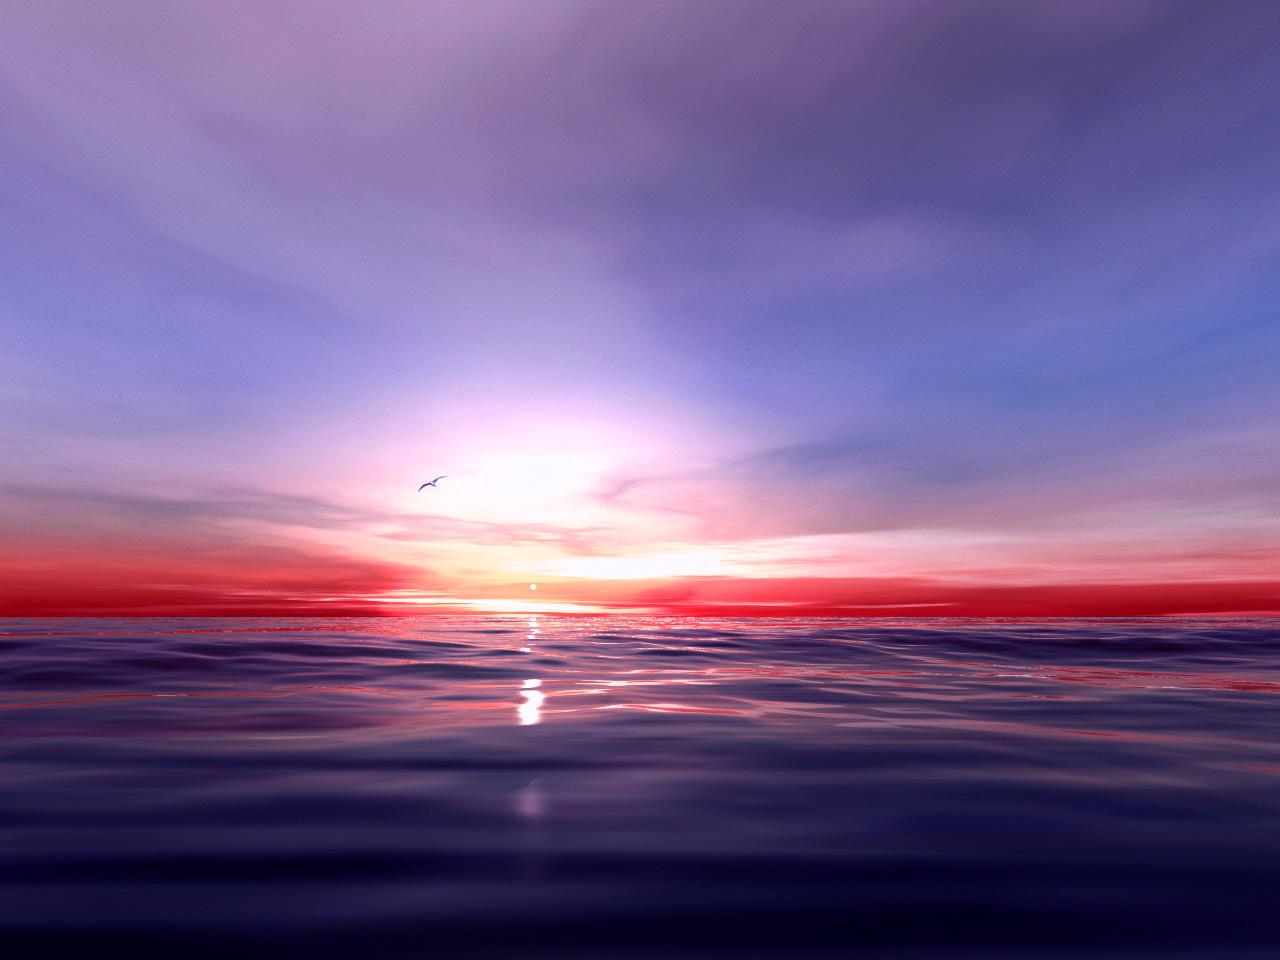 Fond d 39 ecran couch sur la mer wallpaper - Fond ecran coucher de soleil sur la mer ...